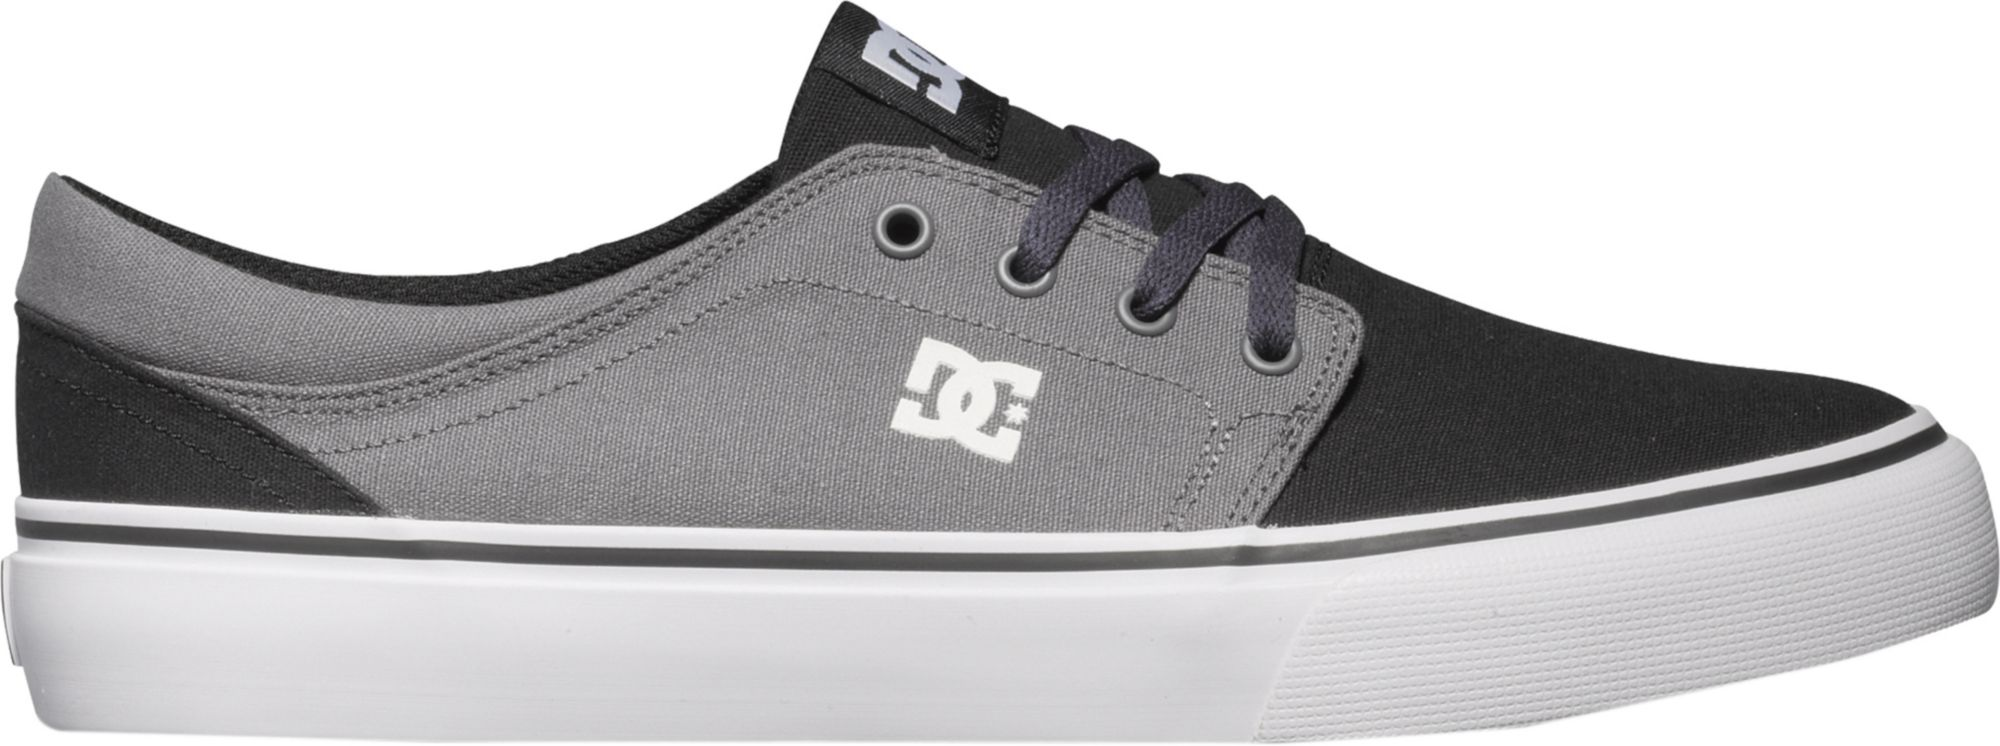 Skate shoes dc - Noimagefound